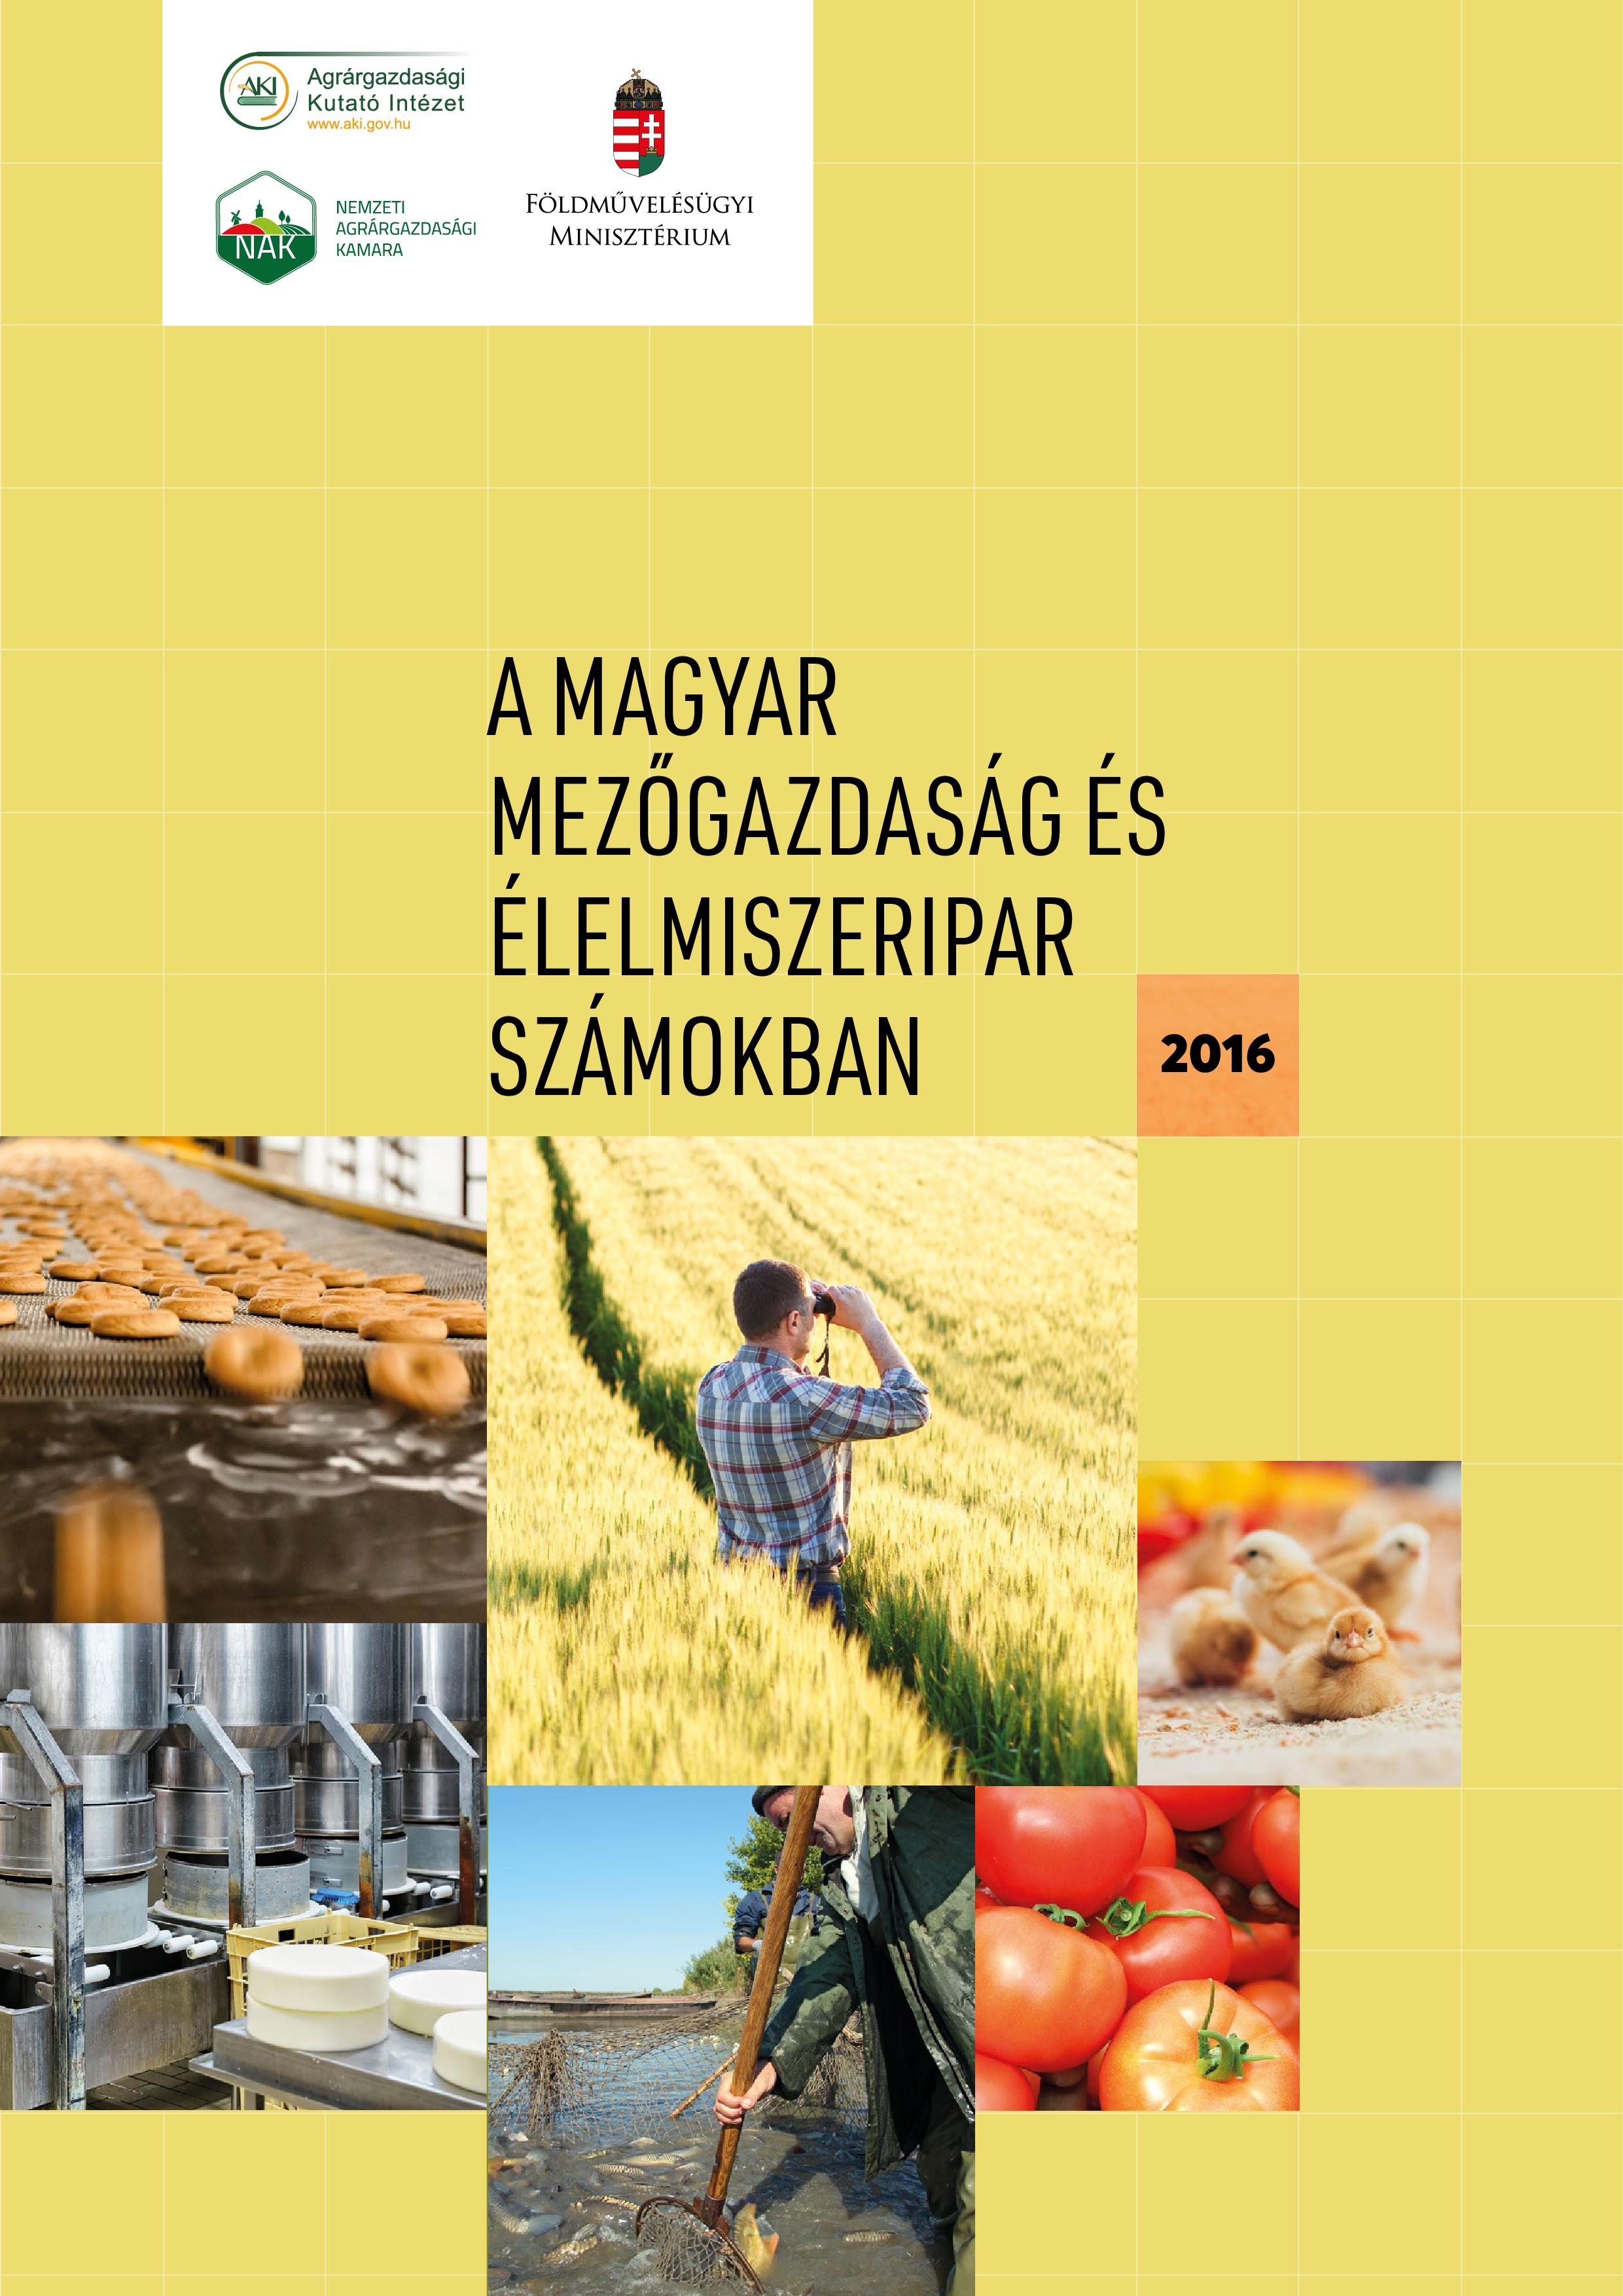 A Magyar Mezőgazdaság és Élelmiszeripar számokban, 2016